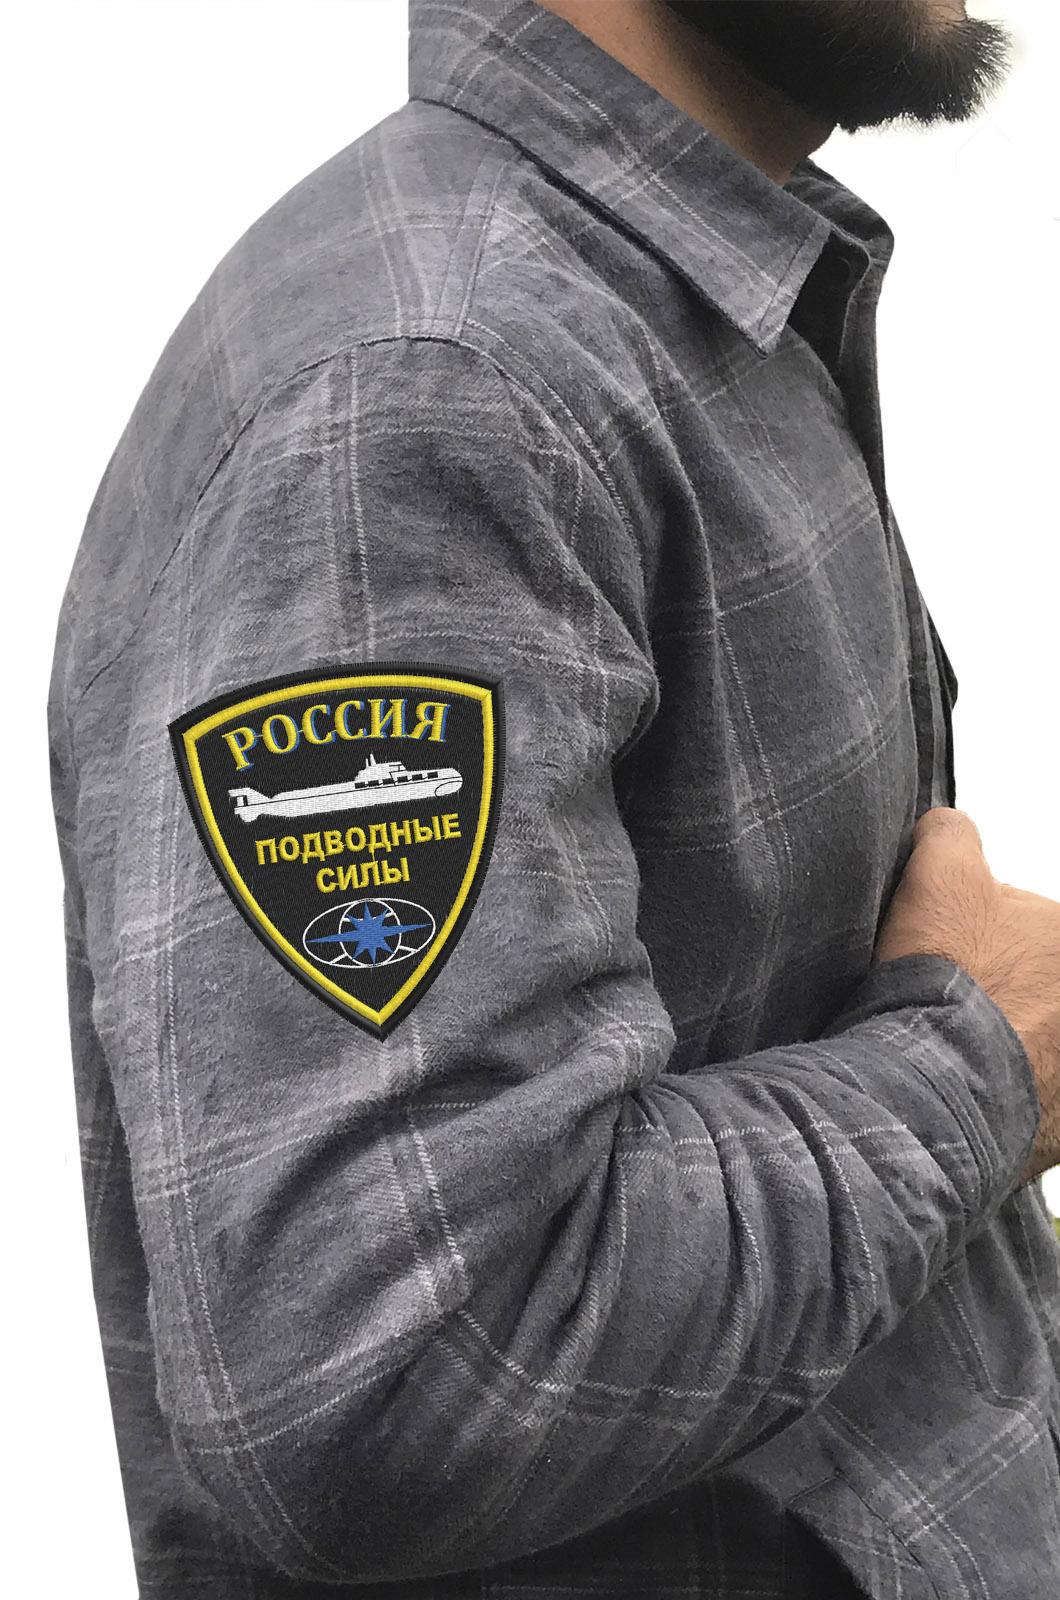 Удобная мужская рубашка с эмблемой Подводных сил России купить оптом